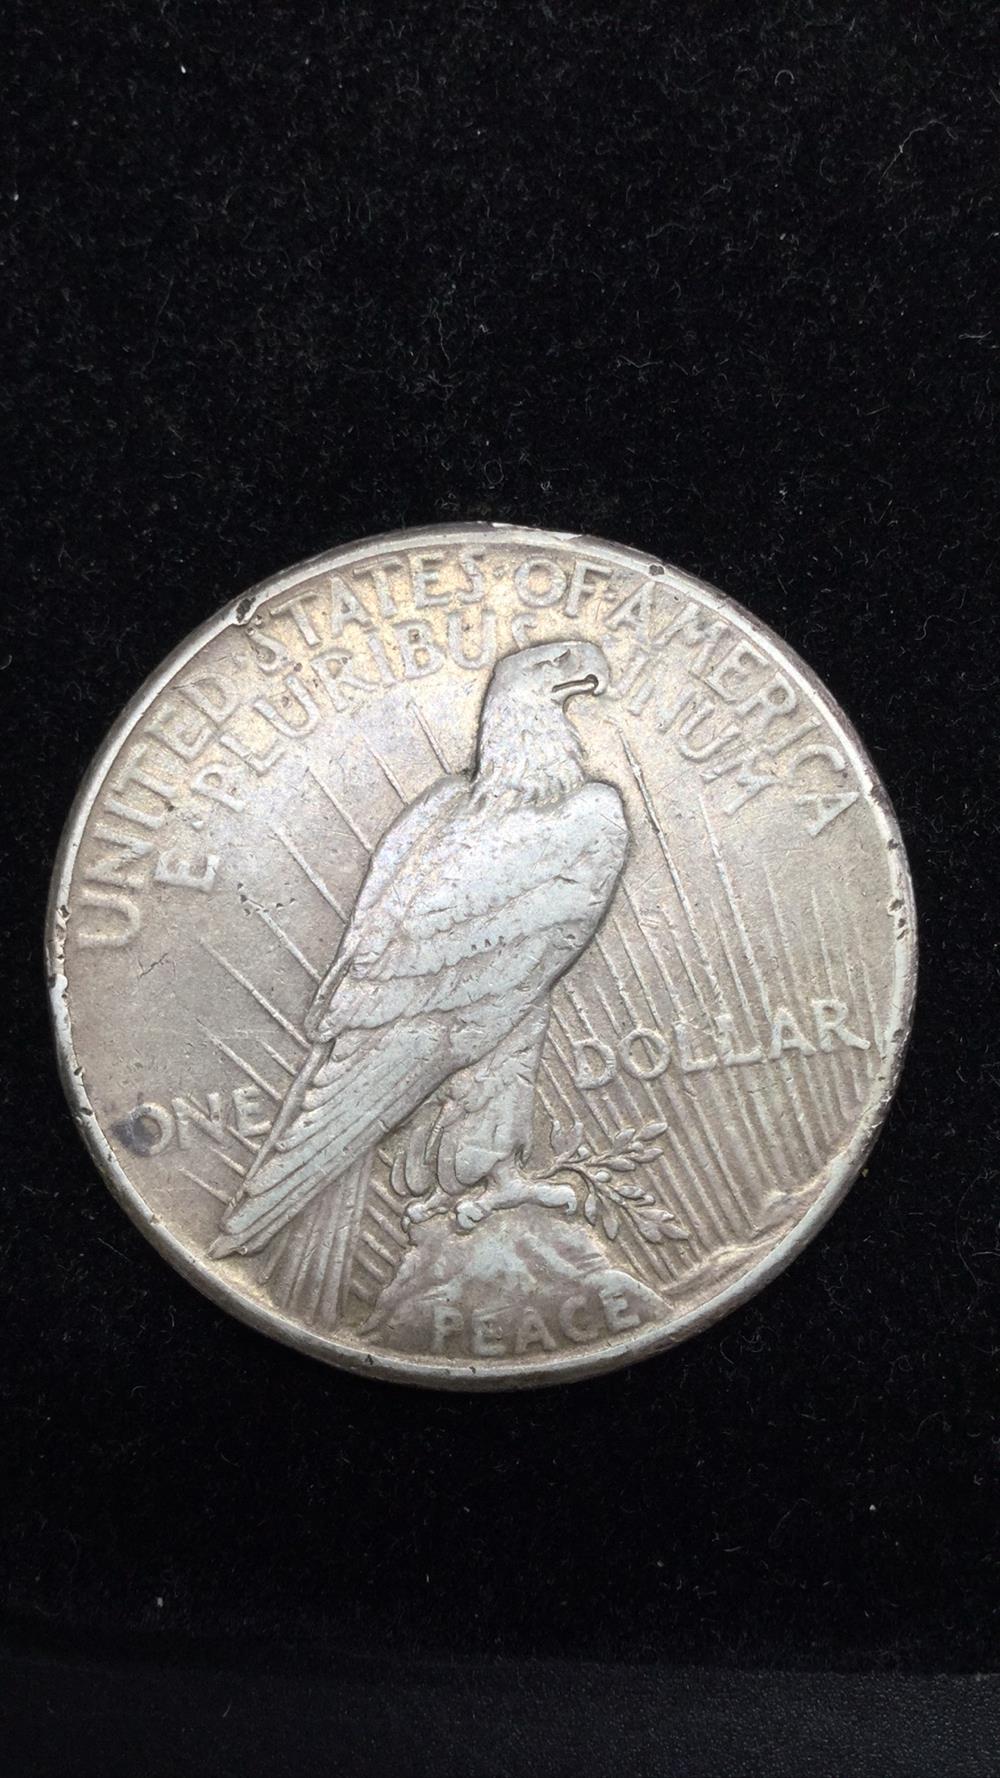 Lot 83: 1927 peace Dollar